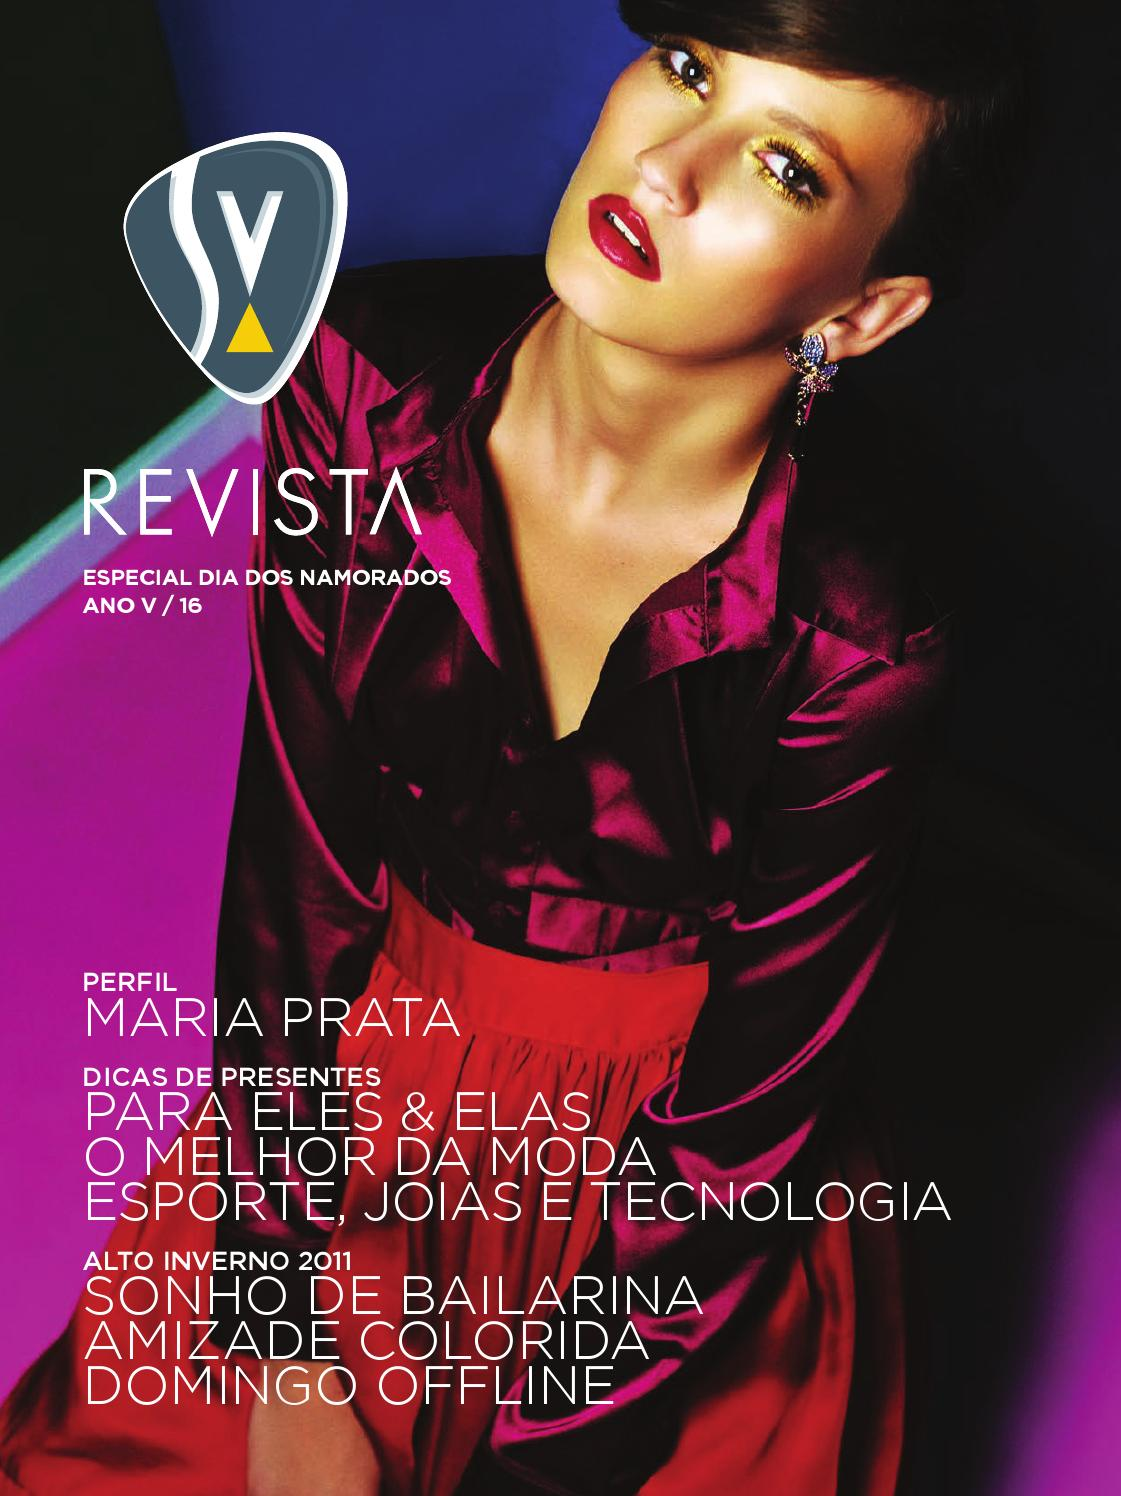 SV REVISTA 16 - ESPECIAL DIA DOS NAMORADOS by SV Revista - issuu ea8402eb82